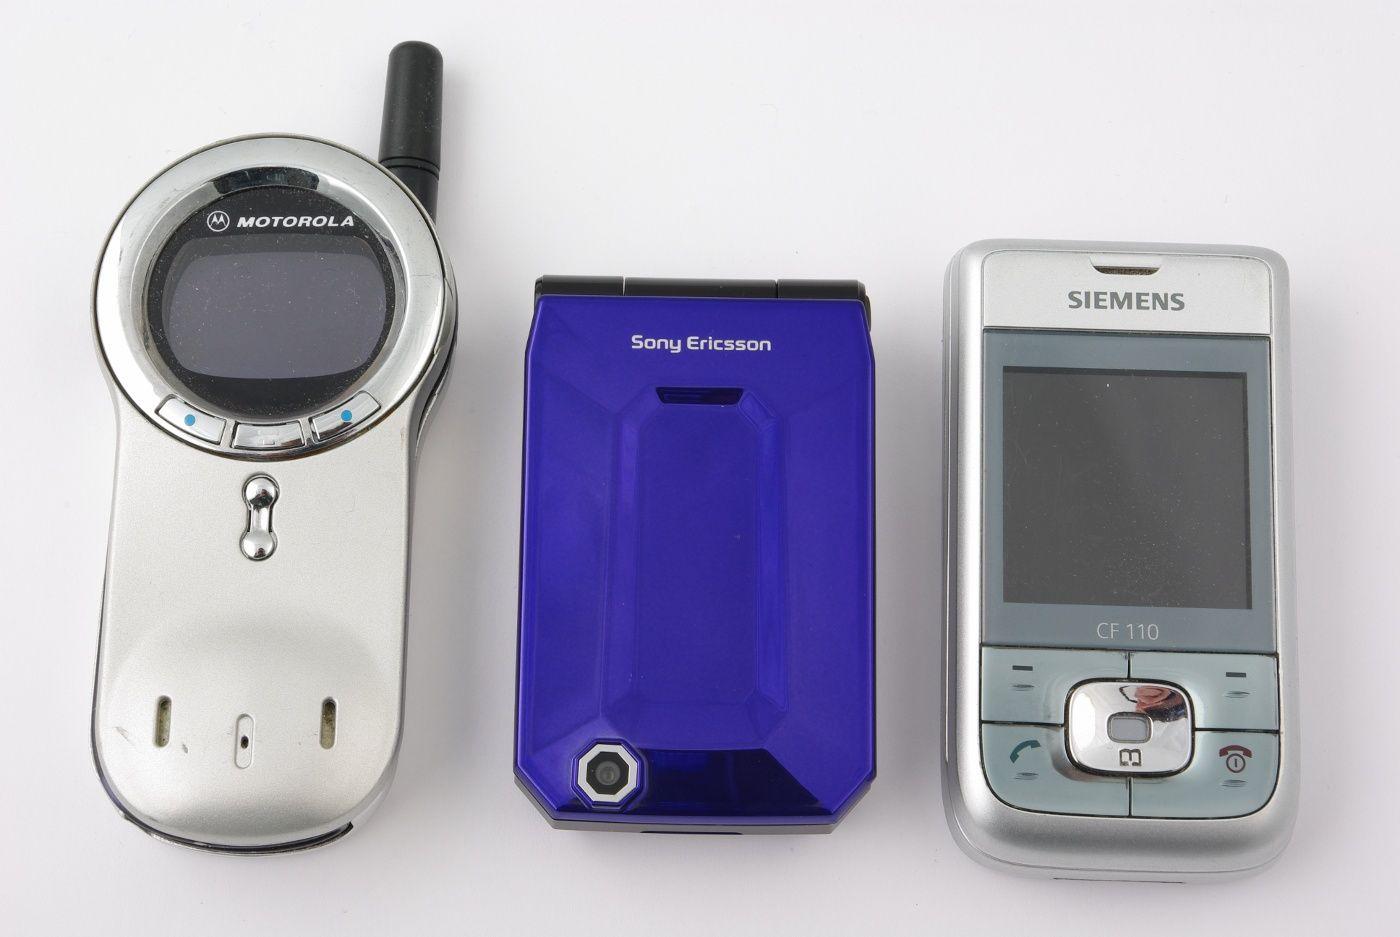 Faktisk måtte vi grave litt i skuffen for å finne mobiler som var små nok for sammenligning.